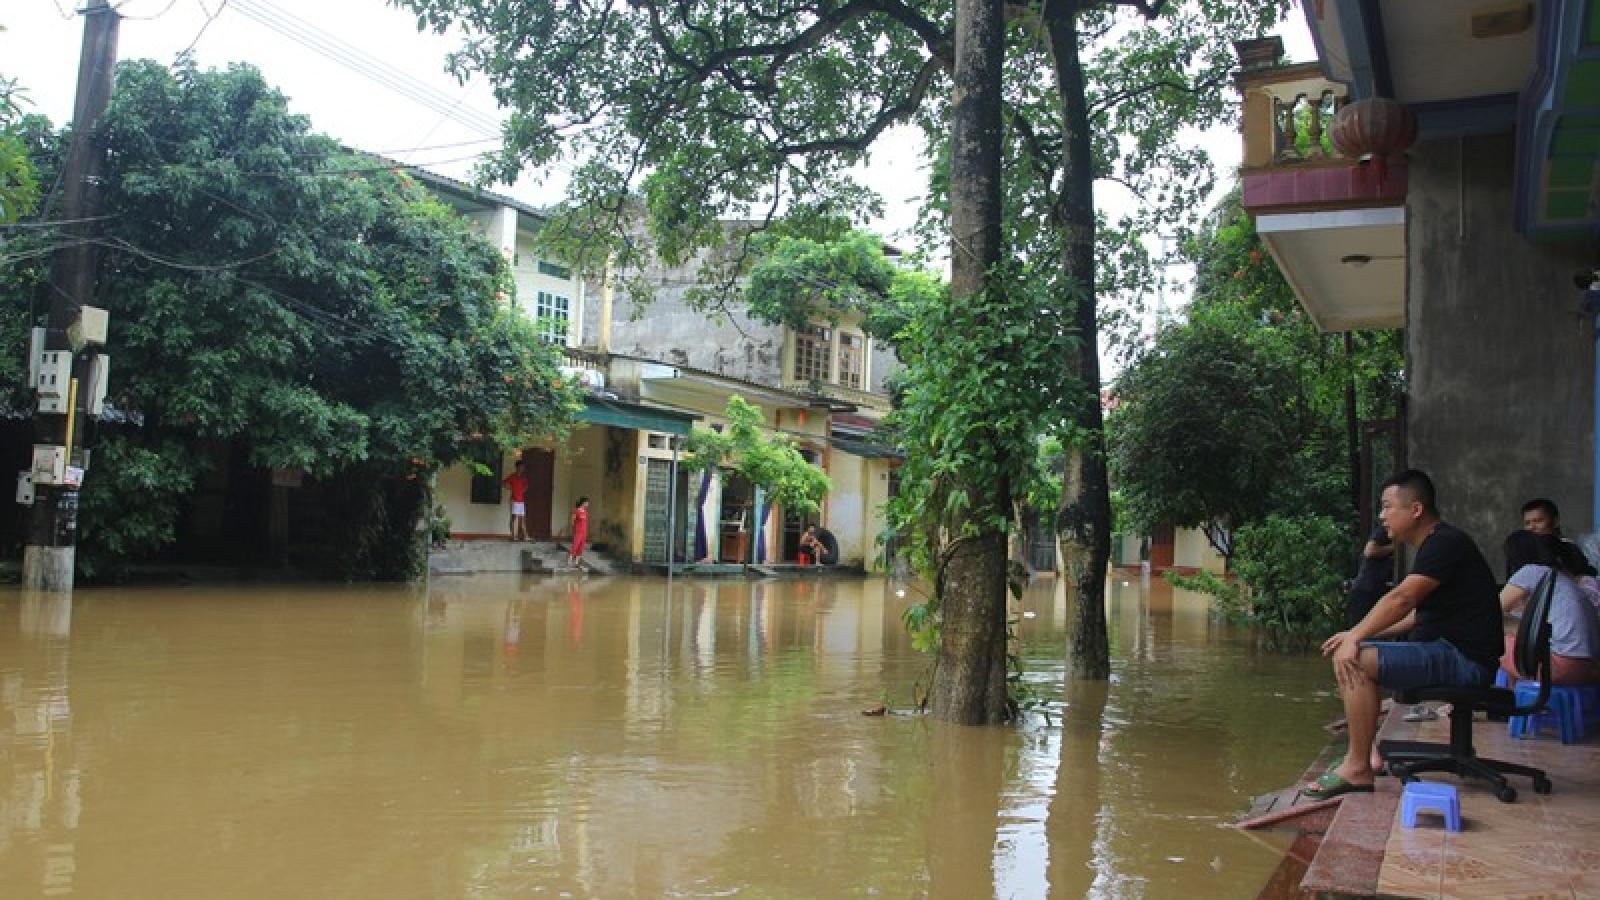 Nước sông Hồng tiếp tục dâng, khắc phục mưa lũ tại Yên Bái gặp khó khăn